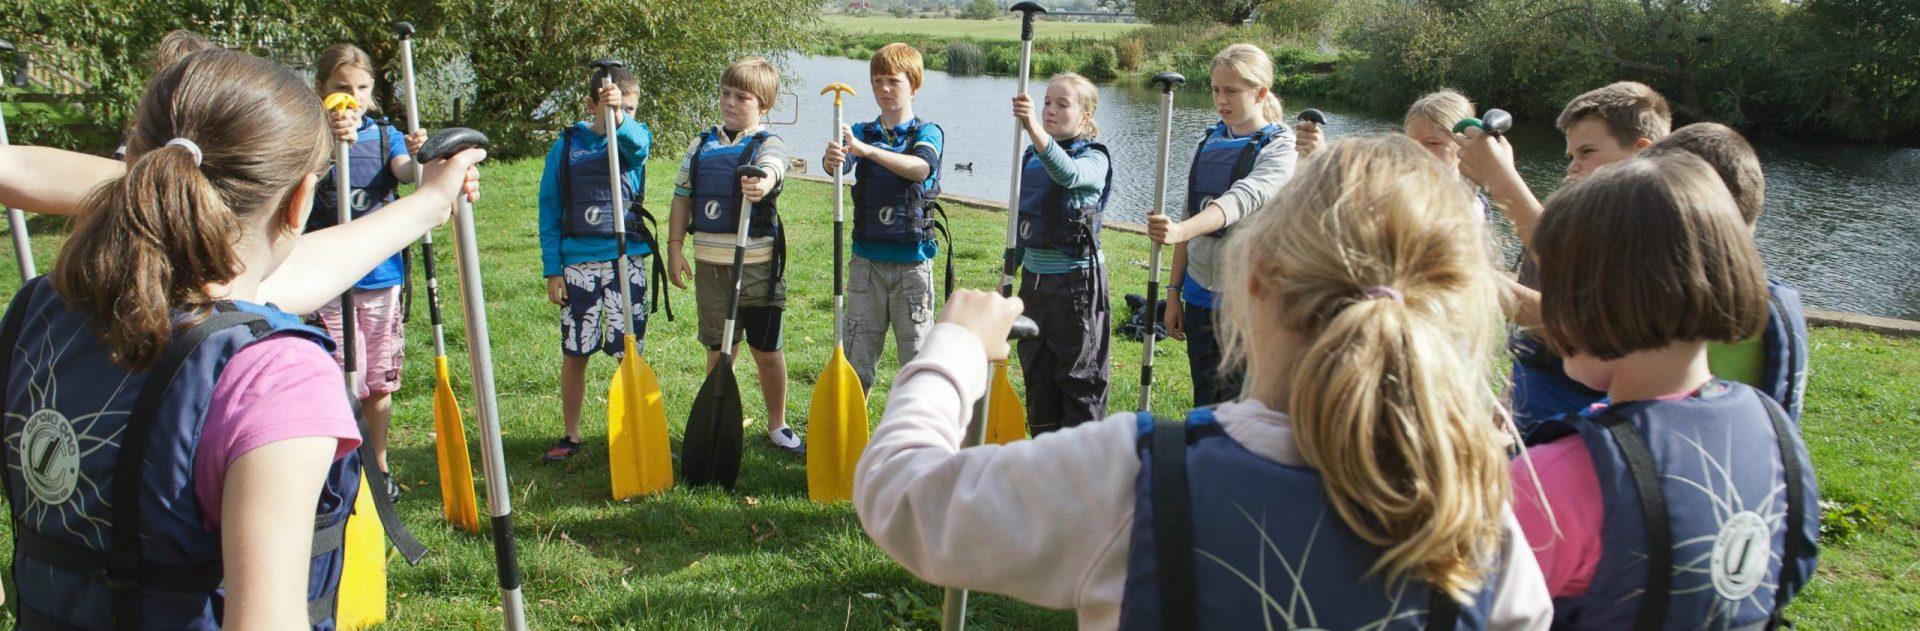 Safe Kayaking for Children